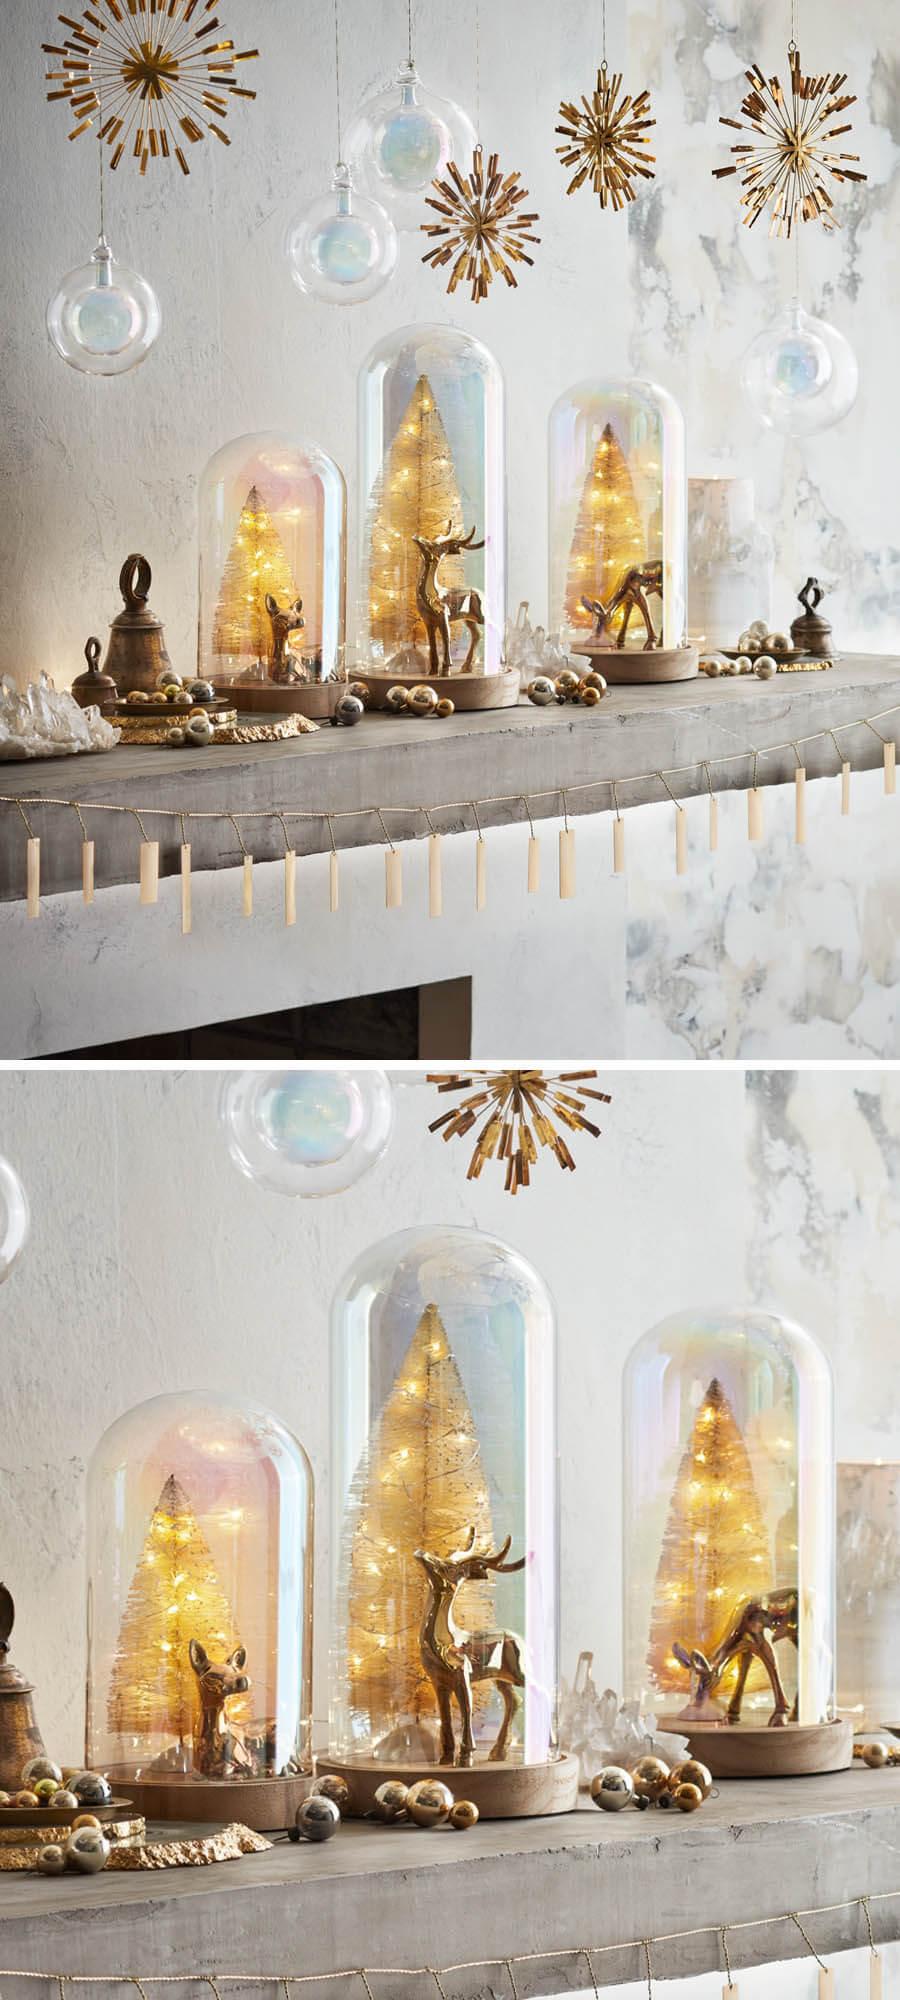 3 Pre Lit Christmas Tree.Lighted Set 3 Christmas Tree Glass Domes With Deer Trees